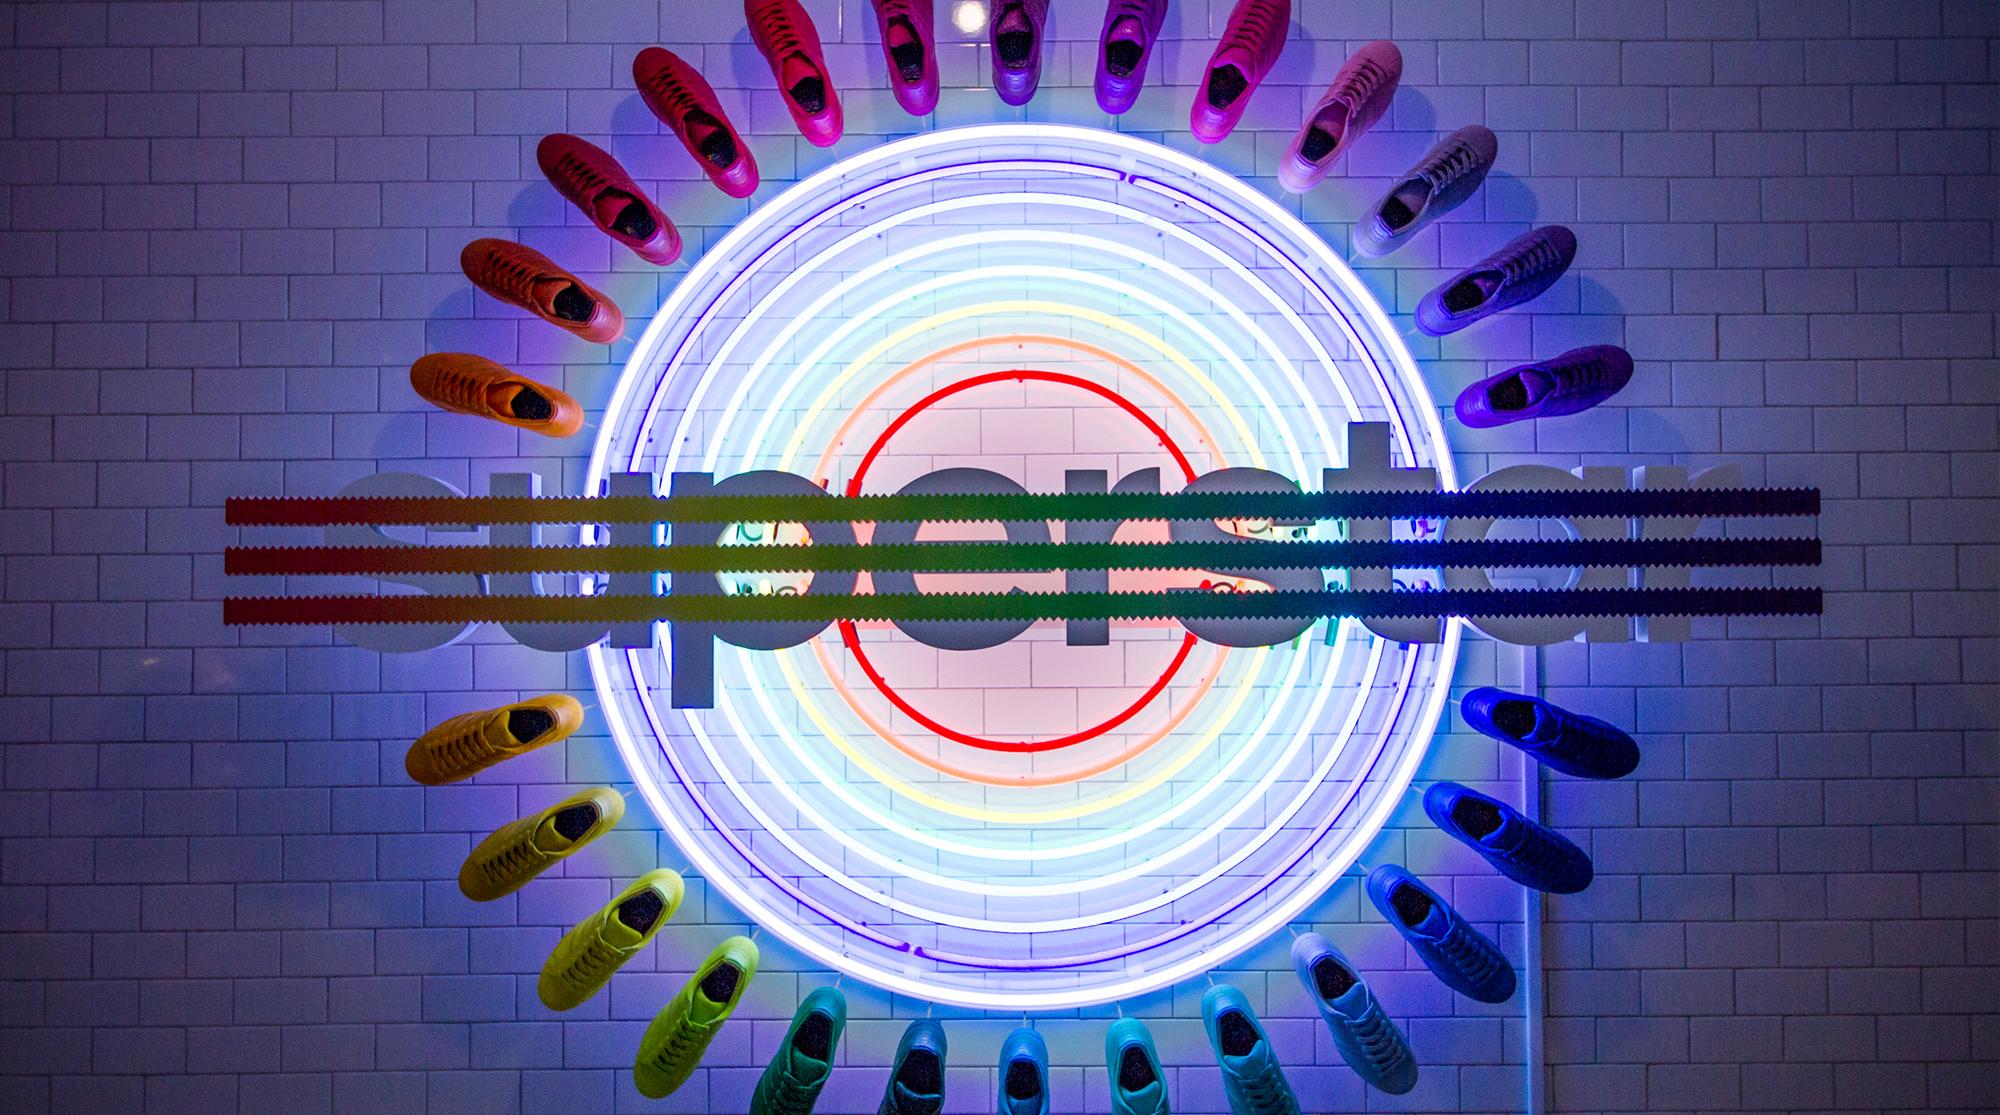 Superspace_08.jpg